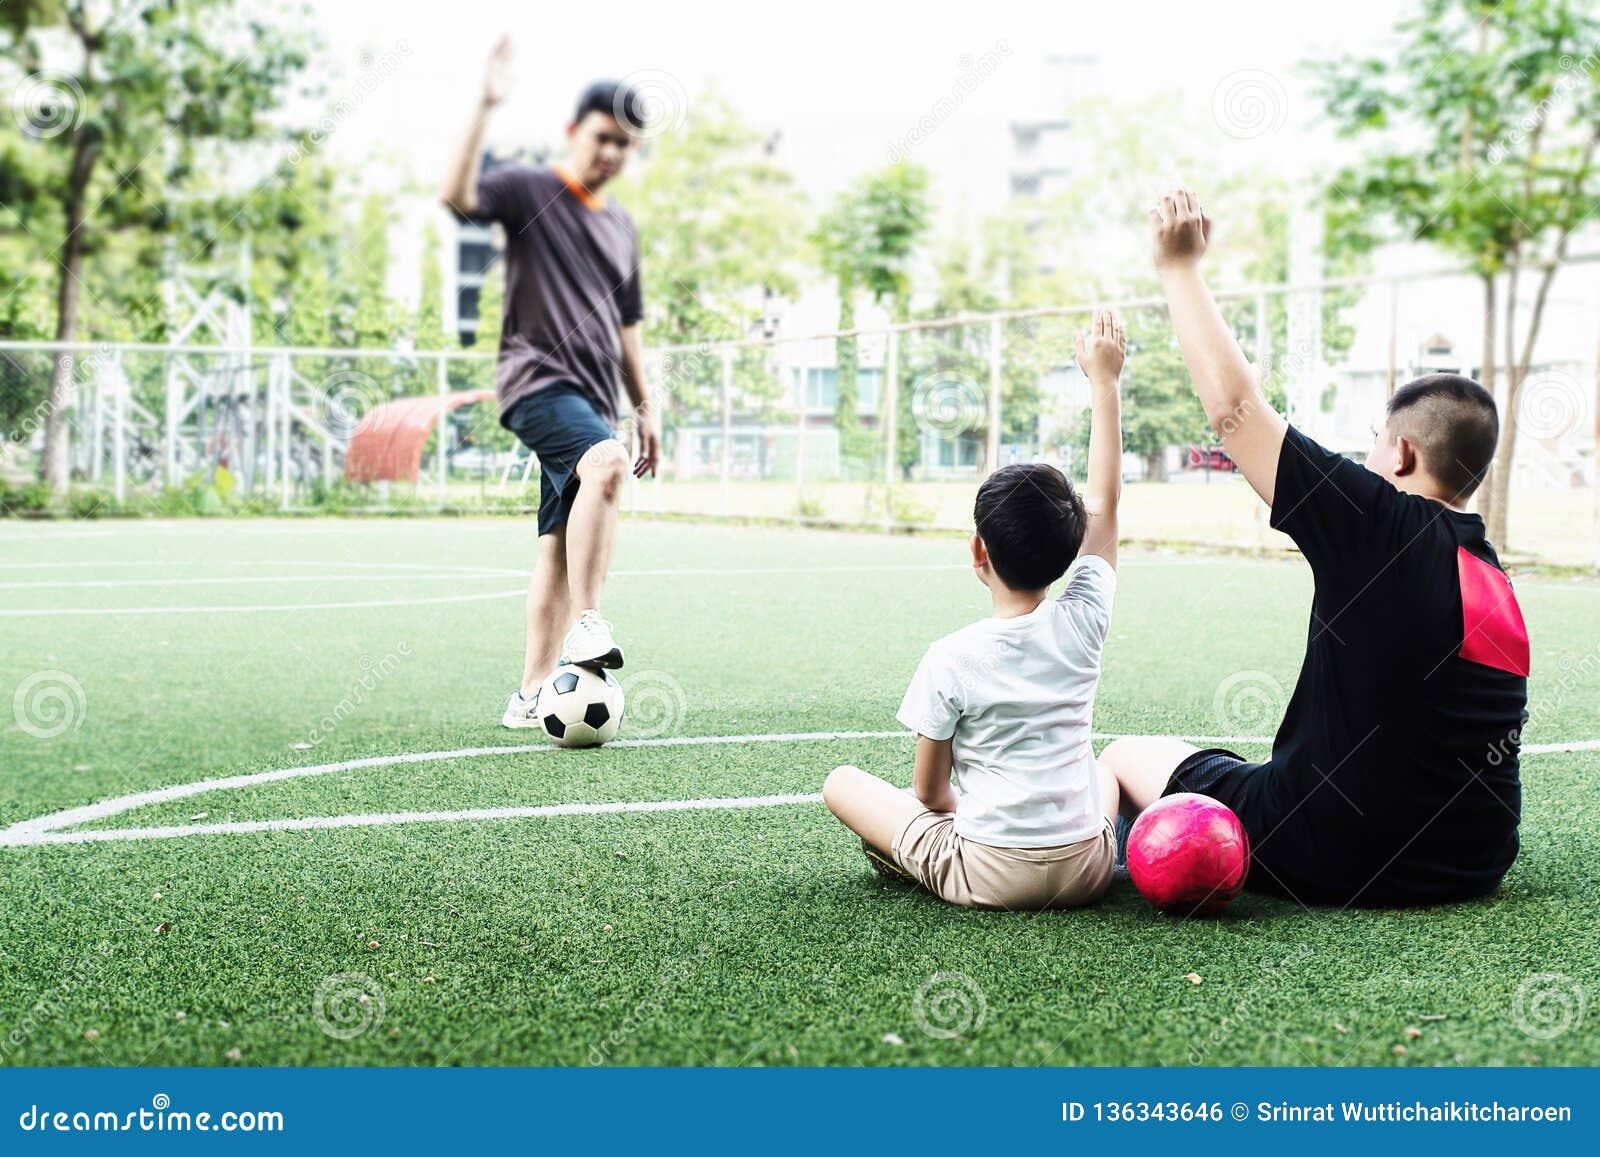 De papa traint zijn kinderen hoe te om voetbal te spelen